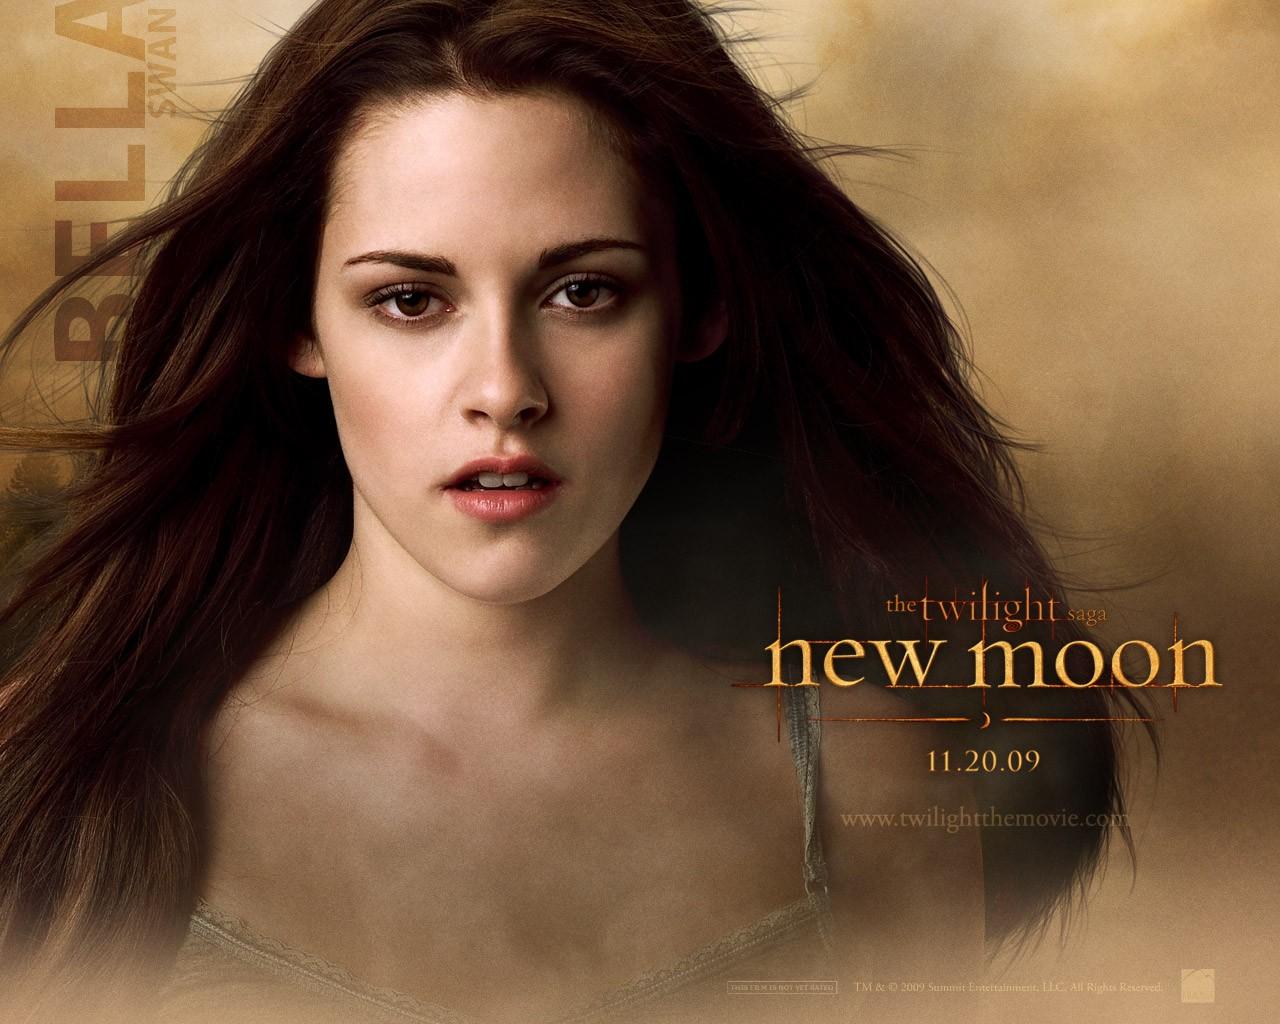 Un wallpaper ufficiale dedicato al personaggio di Bella Swan (Kristen Stewart) per il film Twilight Saga: New Moon